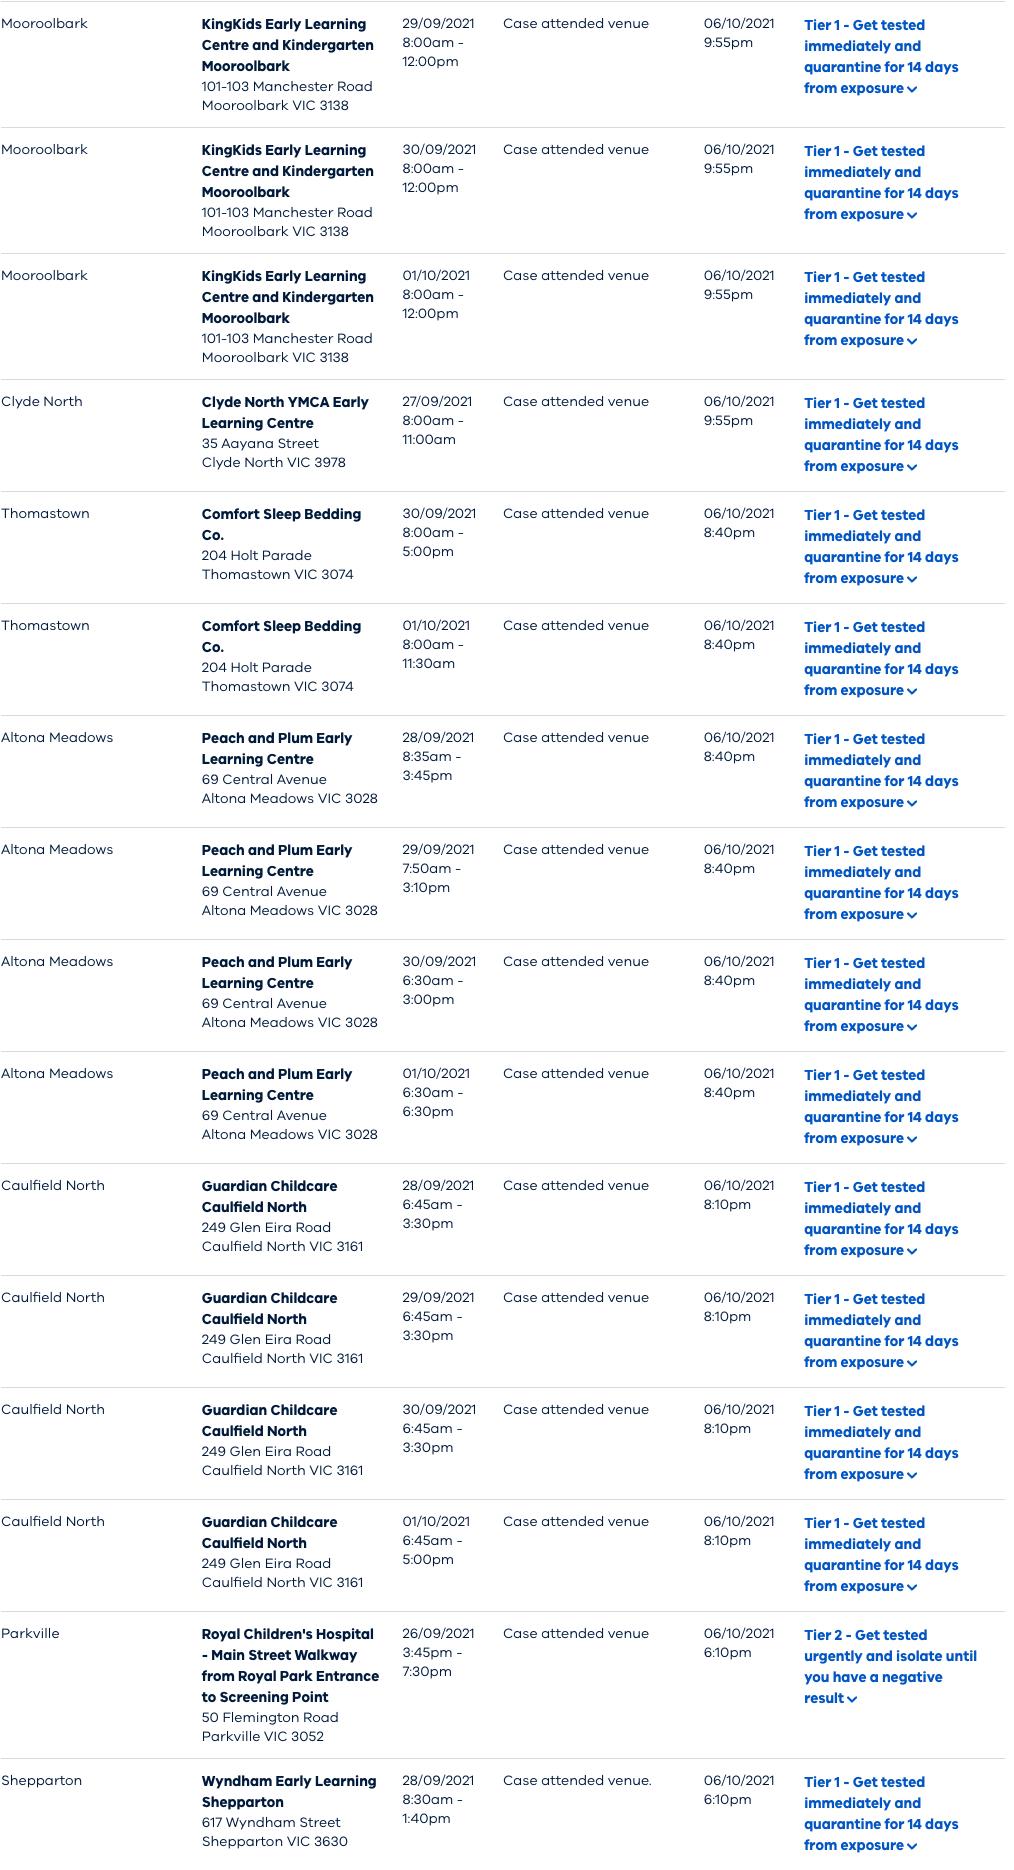 www.coronavirus.vic.gov.au_case-alerts-public-exposure-sites (33)的副本.png